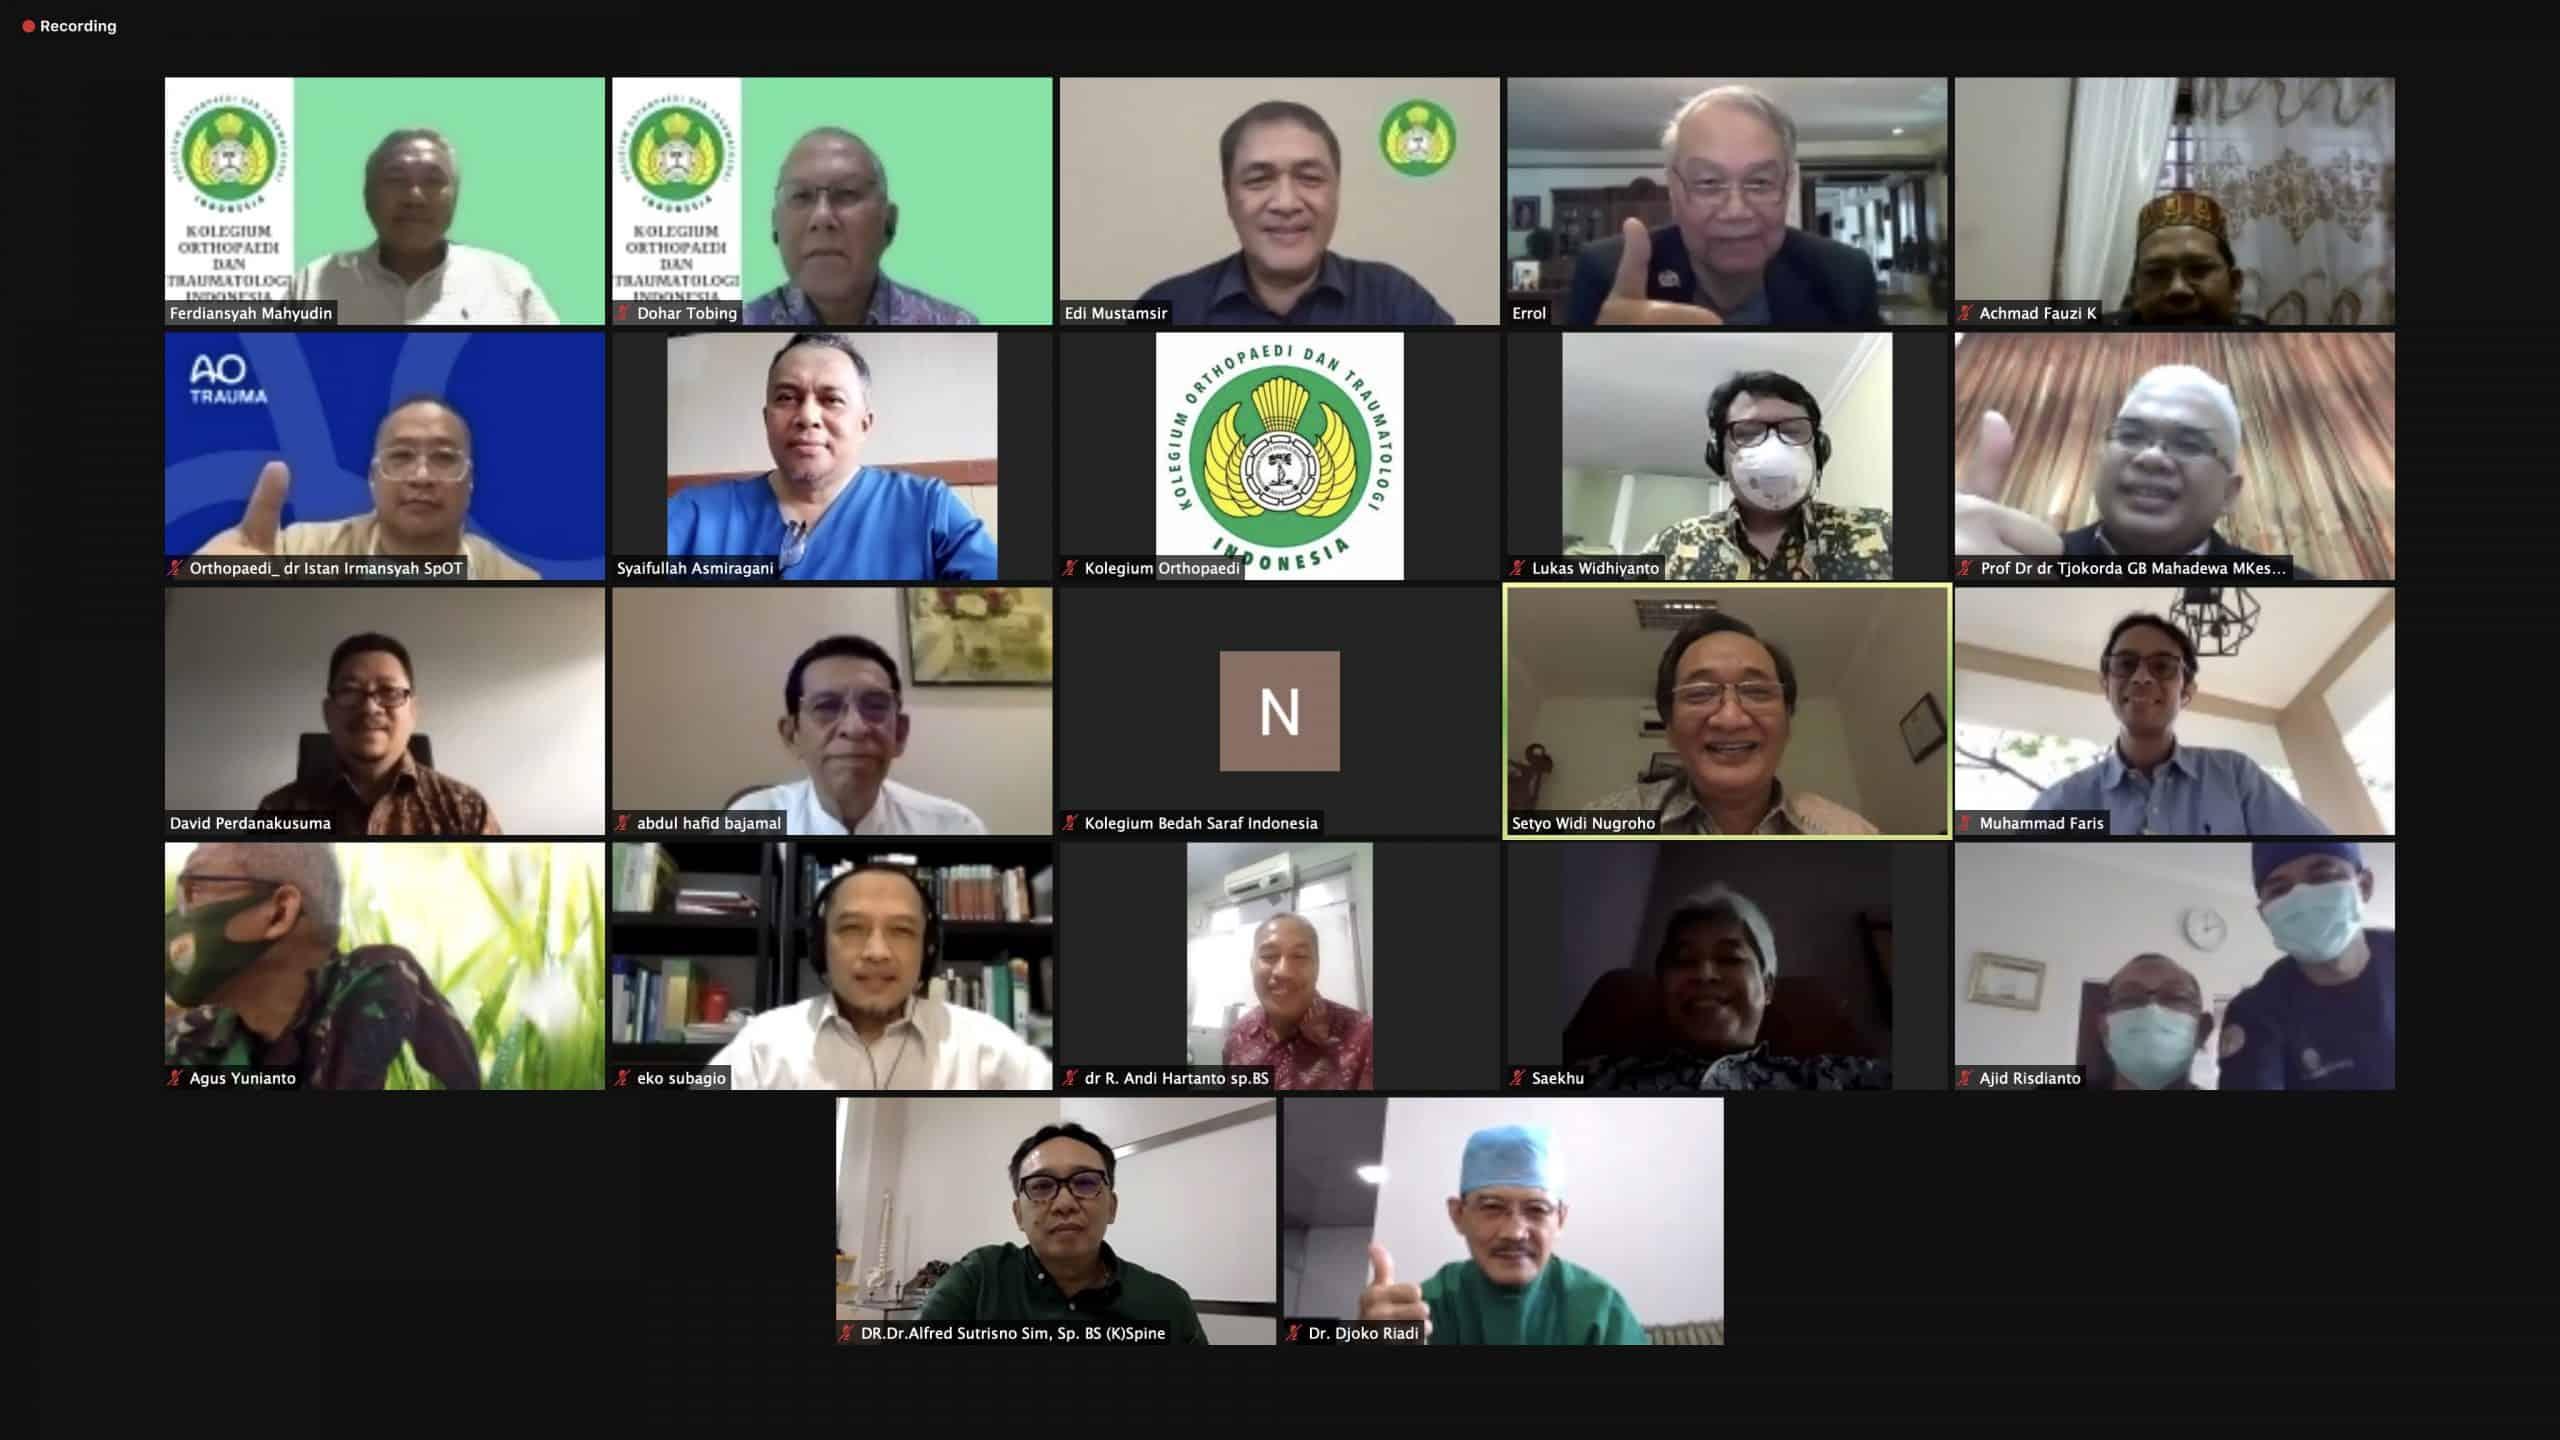 Harmonisasi Standar Pendidikan antara Kolegium Orthopaedi dan Traumatologi Indonesia dengan Kolegium Bedah Saraf Indonesia